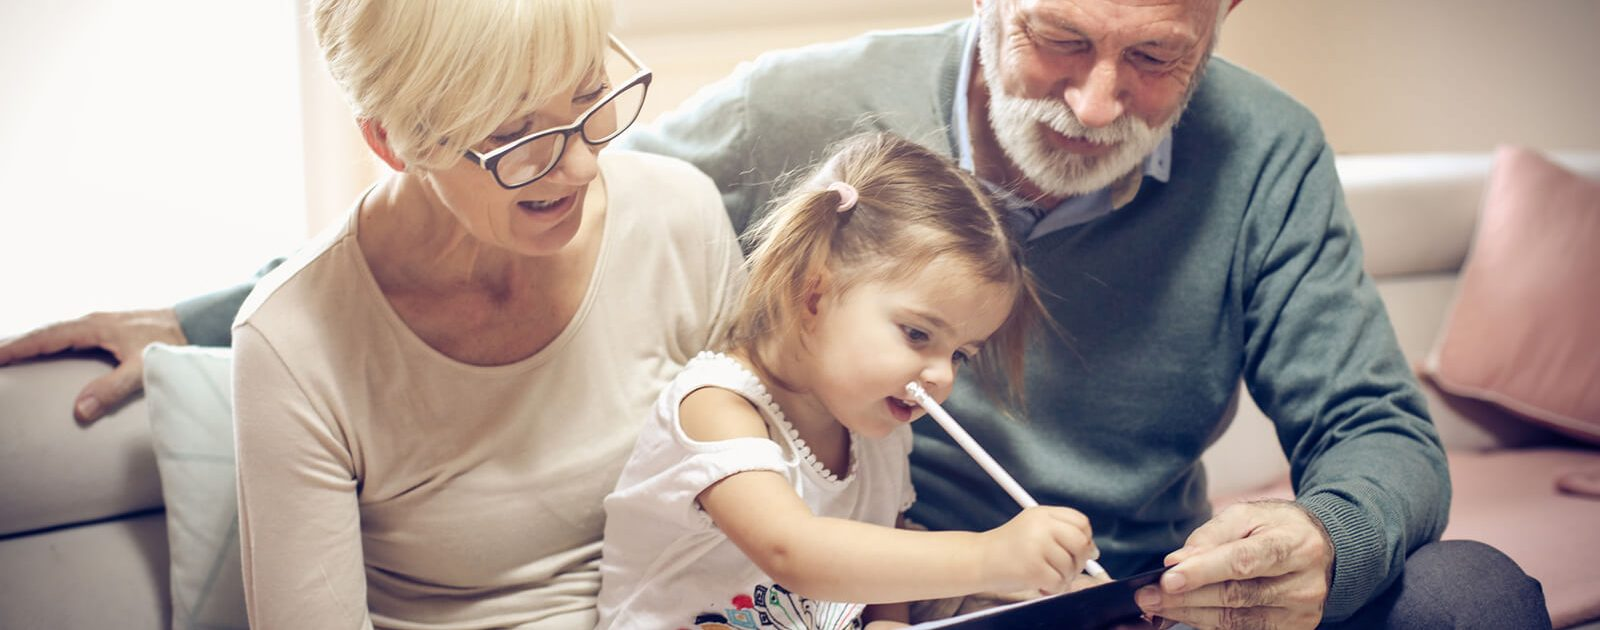 Großeltern mit Enkelkind: Sowohl ältere als auch sehr junge Menschen gehören zur Risikogruppe eines Vitamin B12-Mangels.